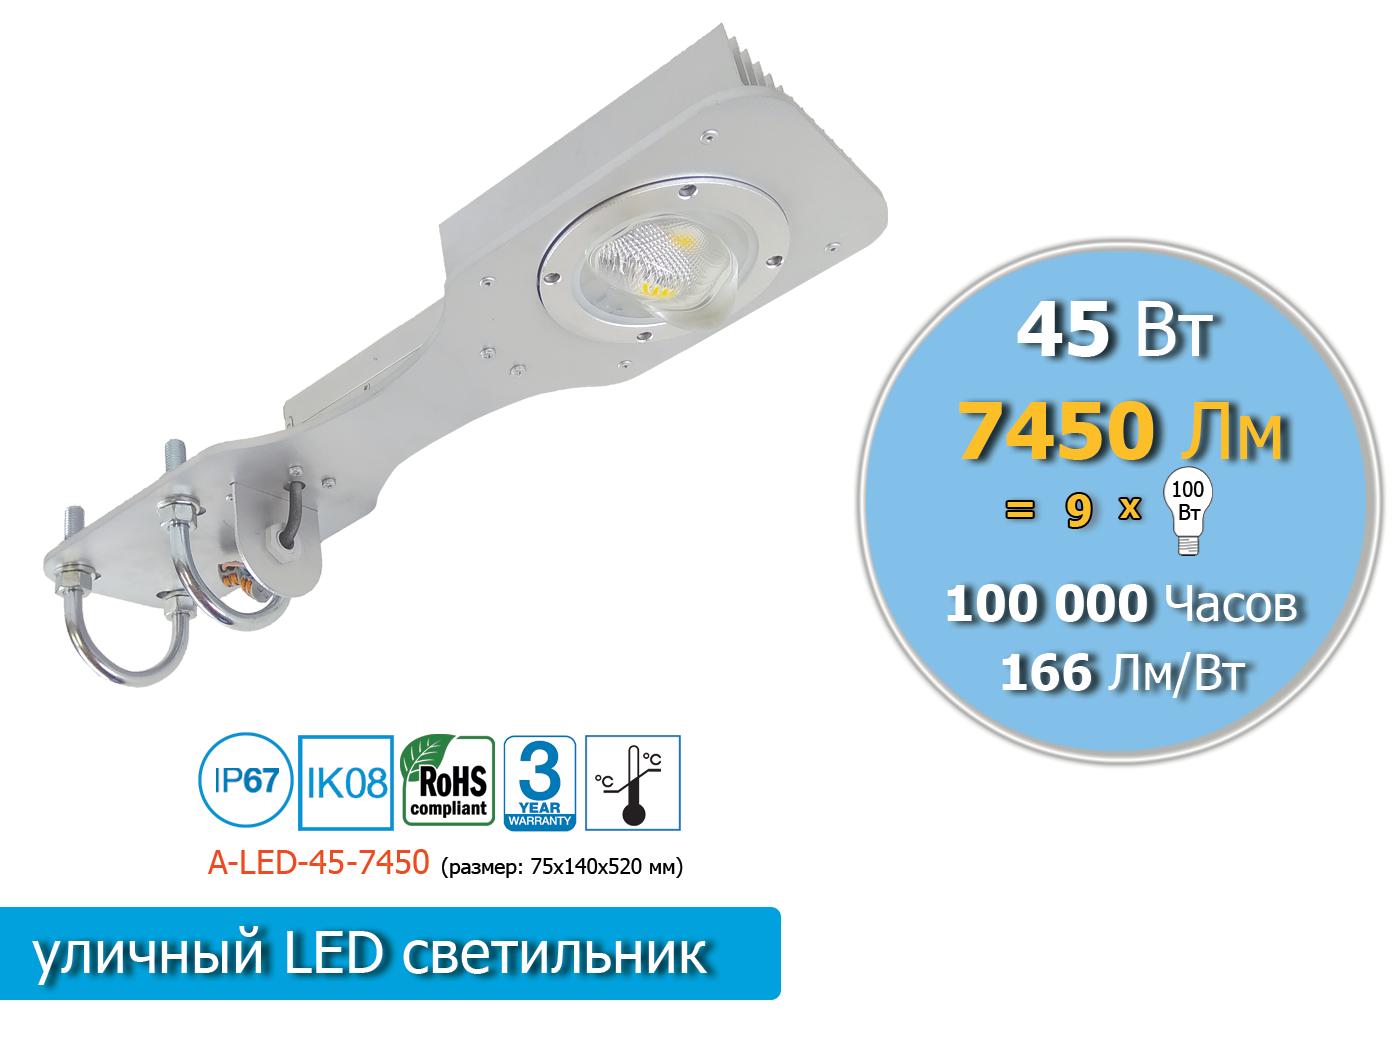 A-LED-45-7450-S